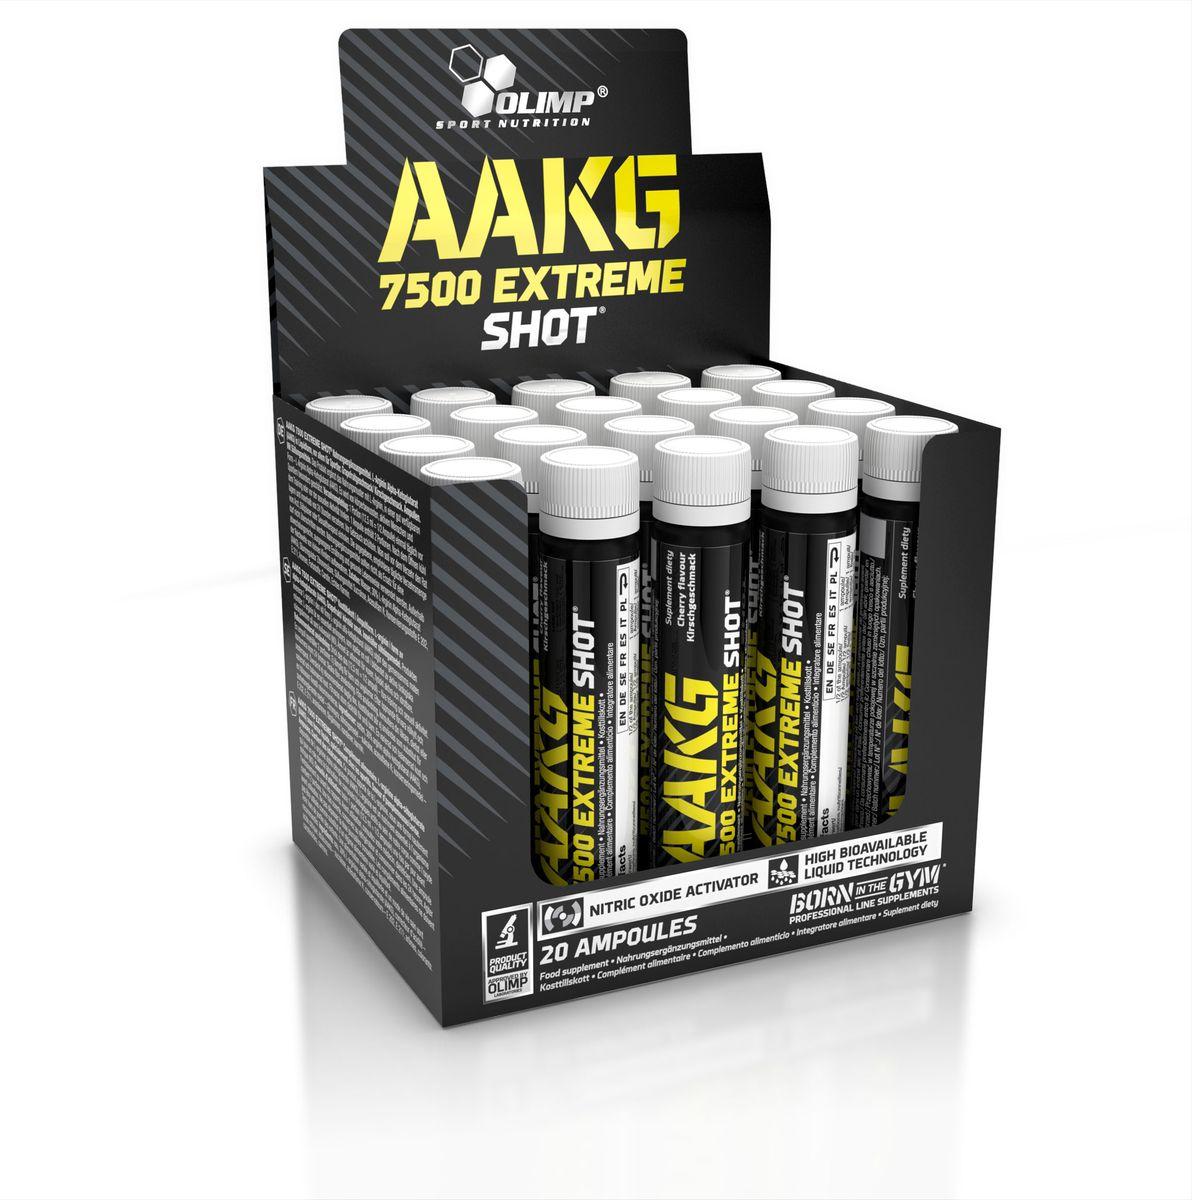 OLIMP ААКГ Икстрим Шот, 20 х 25 мл, вишняO25235Впервые на рынке, высокая дозировка аргинин альфа-кетоглутарата - 7550 мг в одной ампуле. AAKG 7500 Extreme Shot идеально подходит для стимуляции сил, рост массы и жесткости. AAKG Extreme в виде легко усваивающейся формы - аргинин альфа-кетоглутарата. Аргинин образует в организме оксид азот(NO). Он важен для построения рельефного тела, развитие функциональных возможностей и сохранения сексуальной деятельности. Аргинин обеспечивает достаточный приток крови, кислорода и питательных веществ к мышечной ткани, а также способствует росту мышц, сжиганию жировой ткани и увеличению эрекции. Клинические исследования доказали, что прием 2г аргинина в течение 5 недель, приводит к значительному (в сравнении с контрольной группой) увеличению силы и росту мышечной массы, а также снижение жиров и продуктов белкового распада. Рекомендации по применению: Пейте по пол ампулы перед тренировкой и после нее.